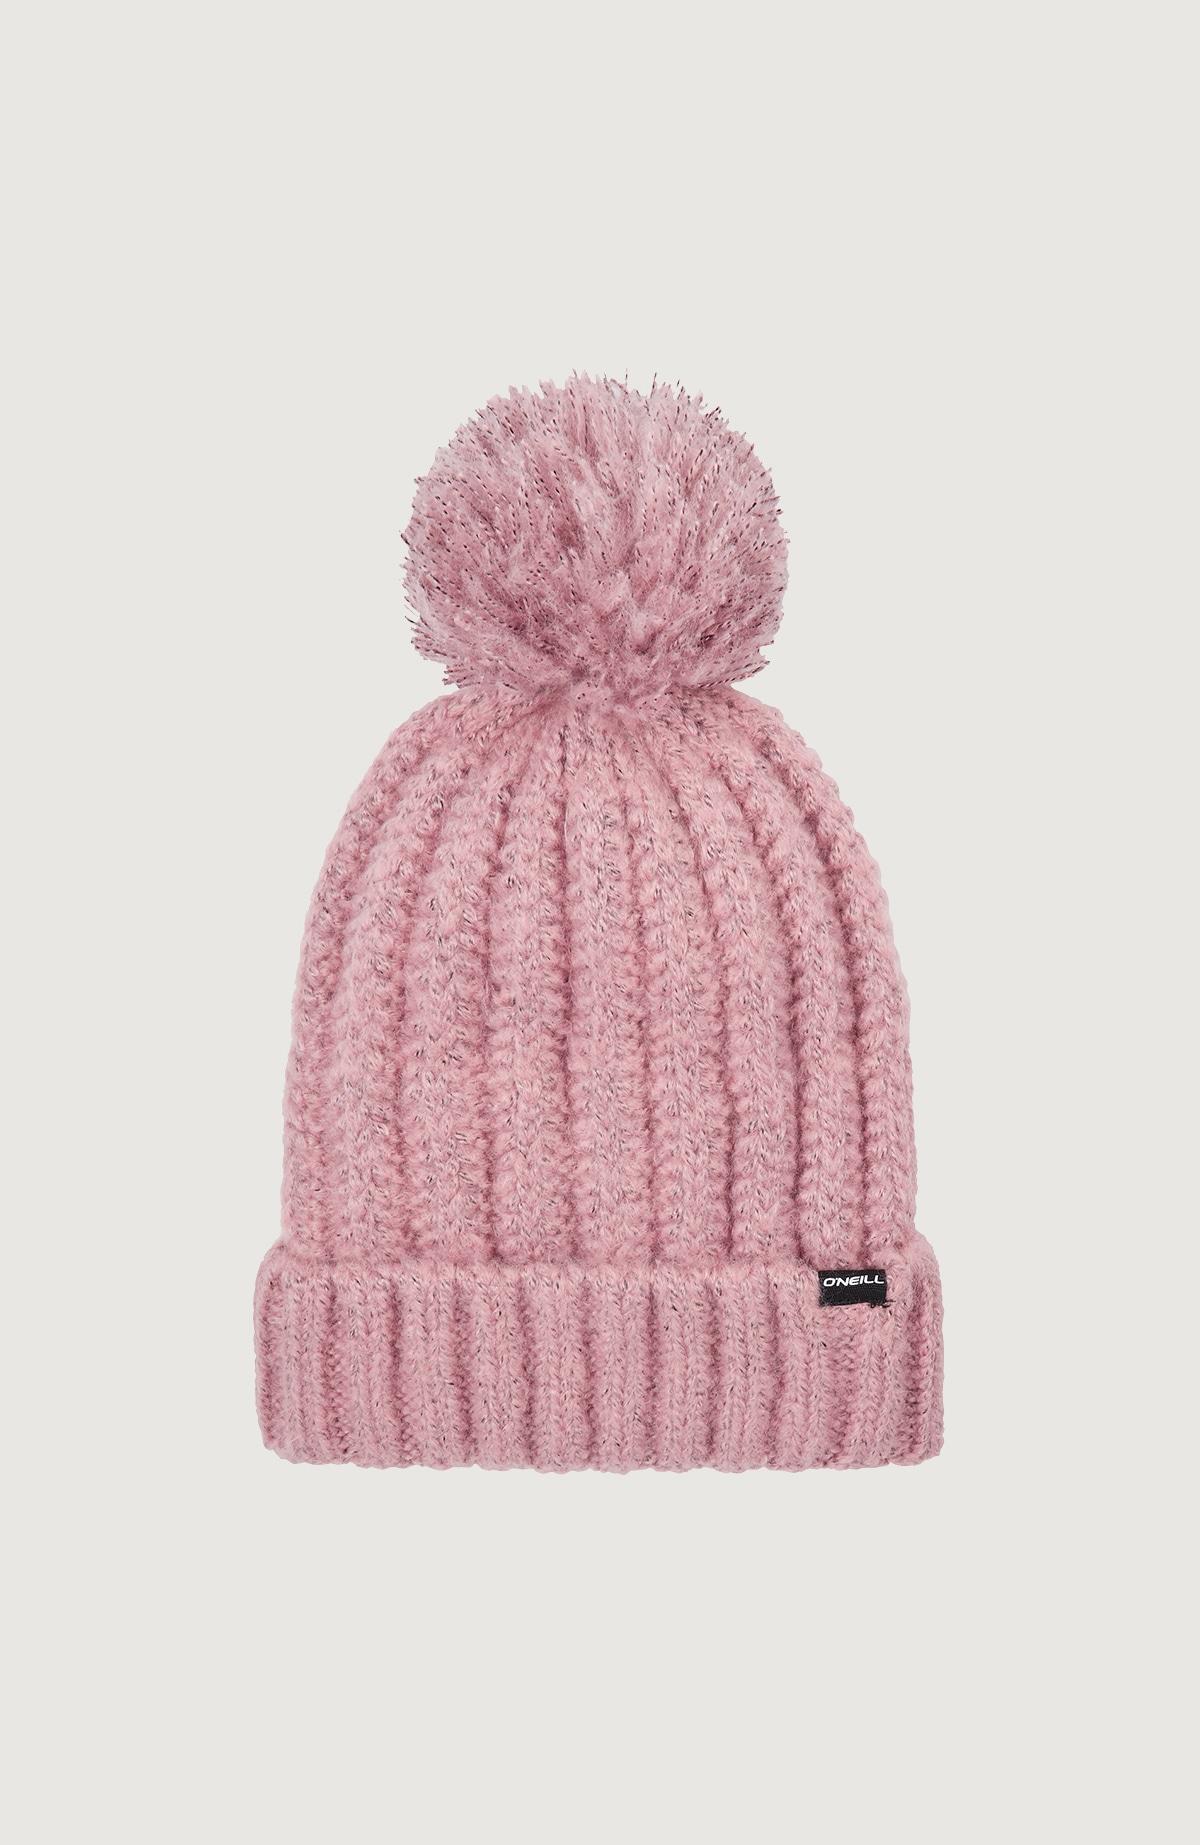 O'Neill Mütze Bw chunky knit Damenmode/Schmuck & Accessoires/Accessoires/Mützen/Bommelmützen